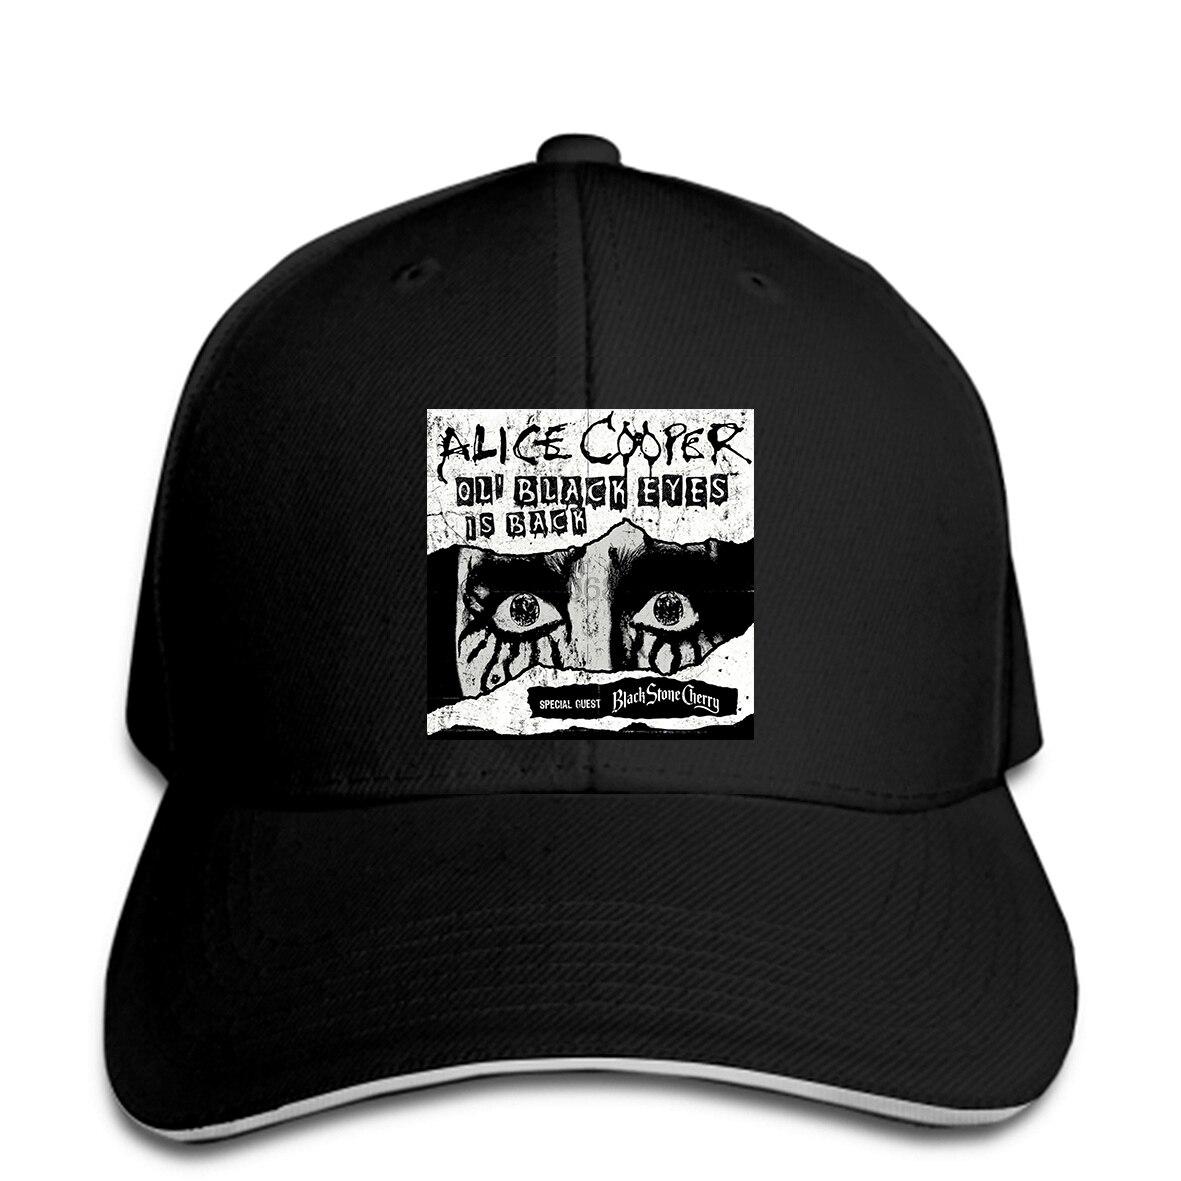 Alice Cooper-Gorra de béisbol con visera y ojos negros, sombrero de béisbol con visera, color negro